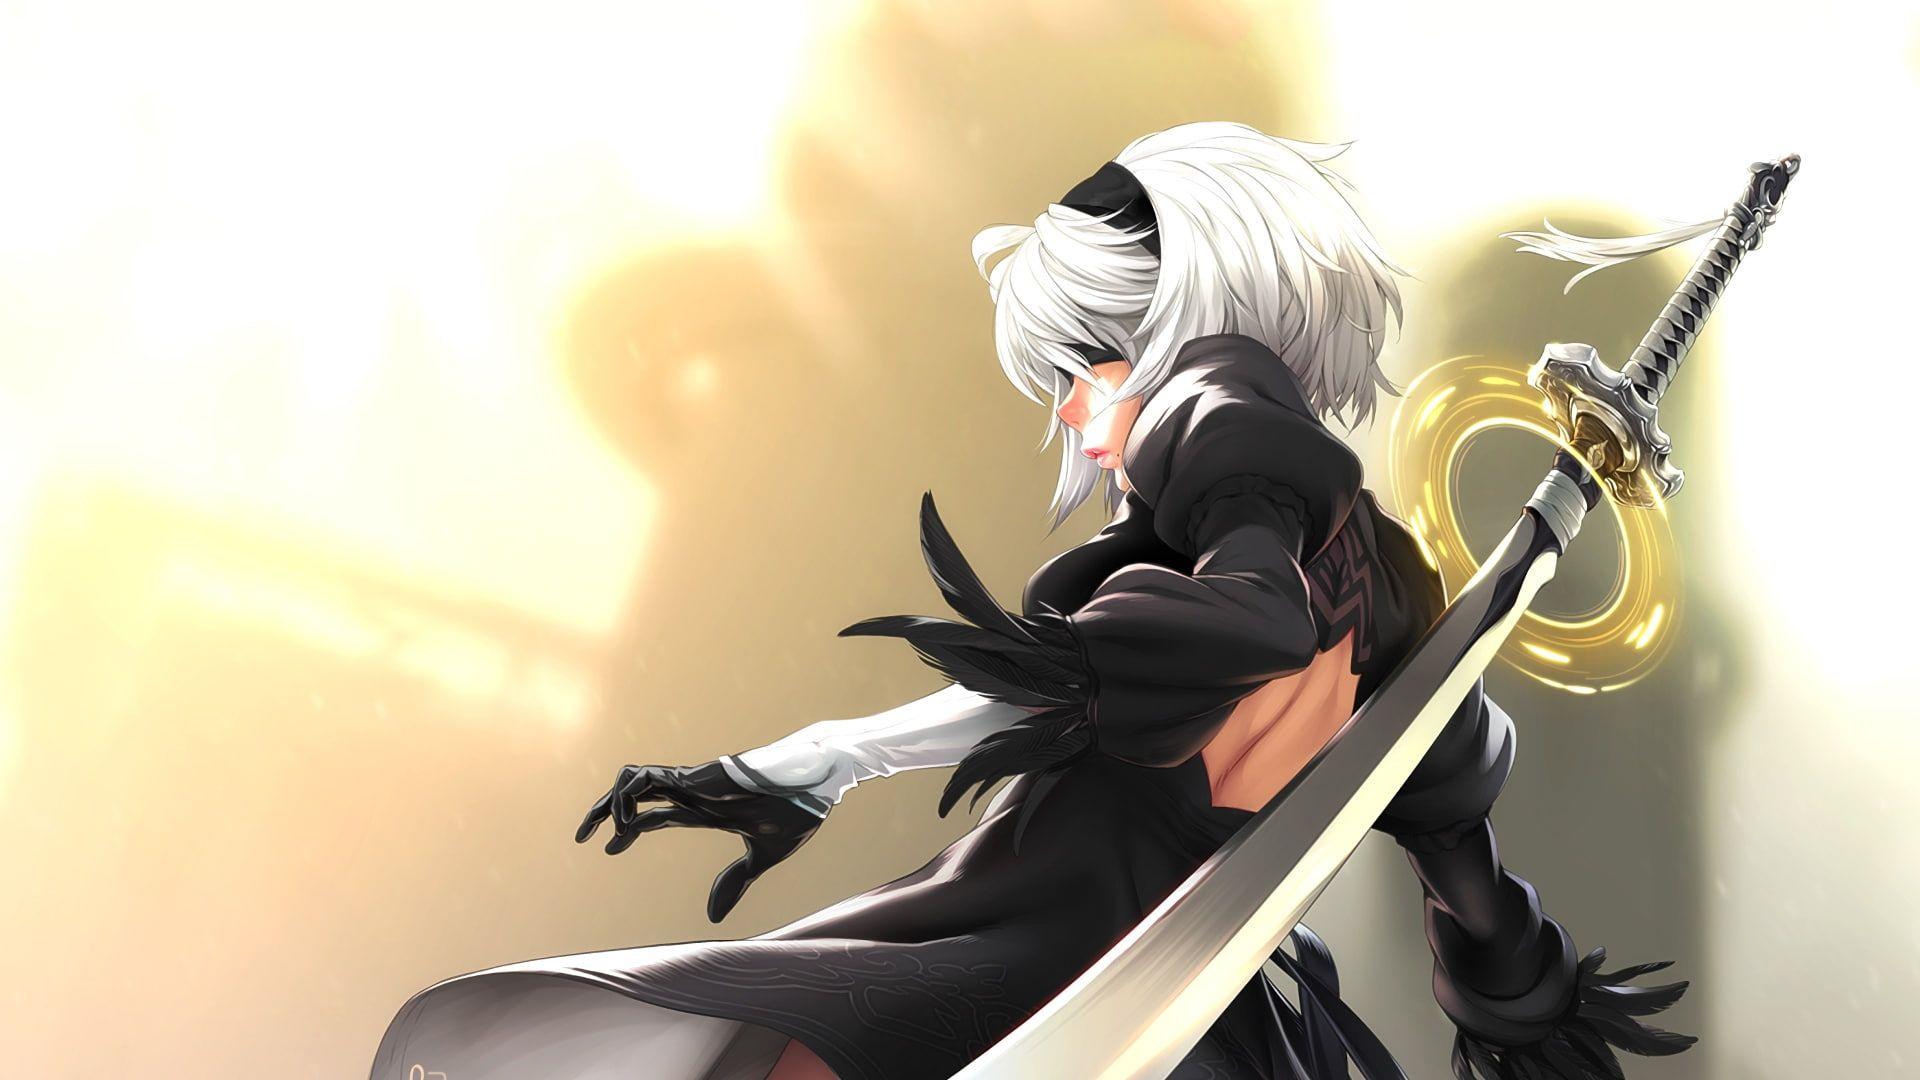 2B (Nier: Automata), white hair, short hair, Nier